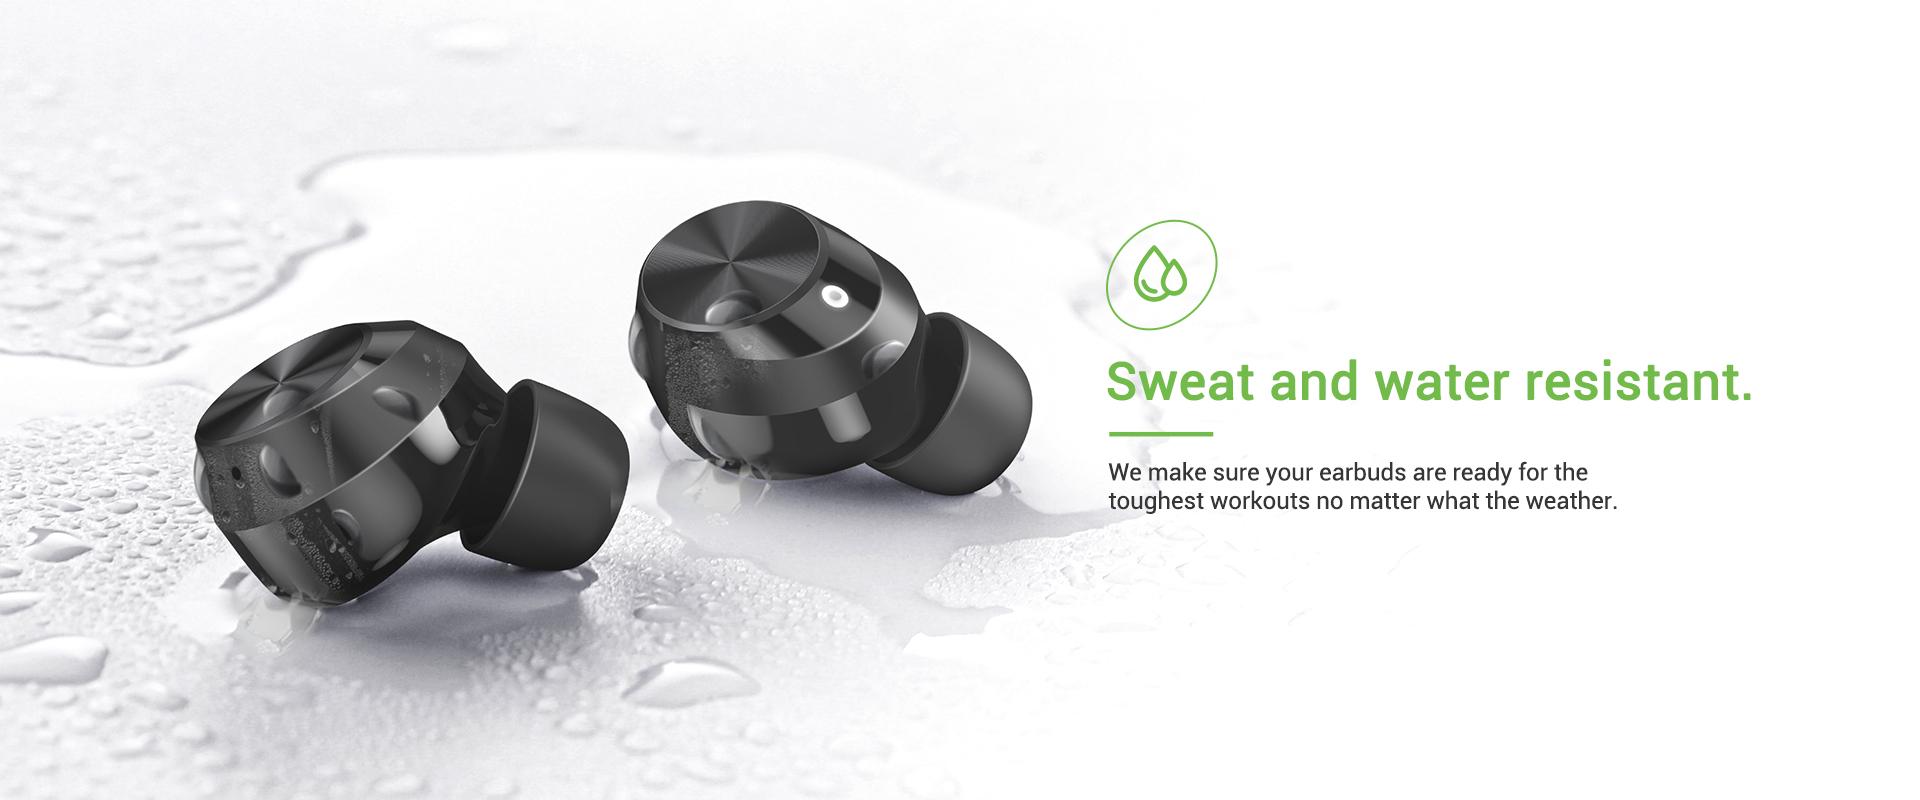 wireless earbuds sweatproof